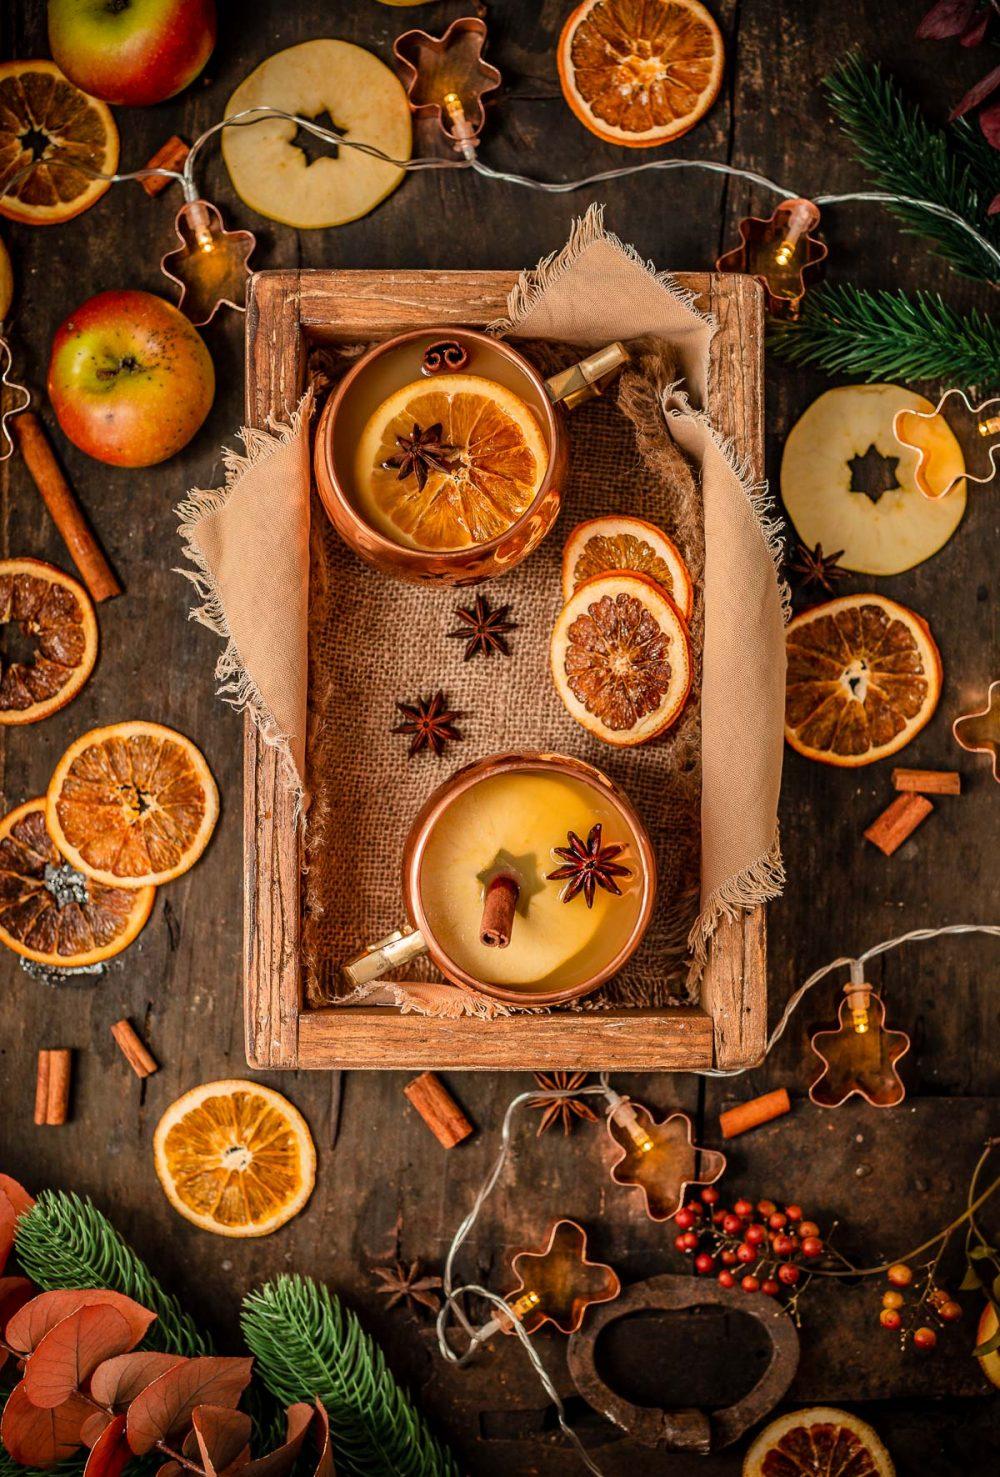 Healthy sugar-free APPLE MULLED WINE recipe ricetta Brulè di mele fatto in casa senza zucchero come ai Mercatini di Natale Apfelglühwein #vegan #Christmas